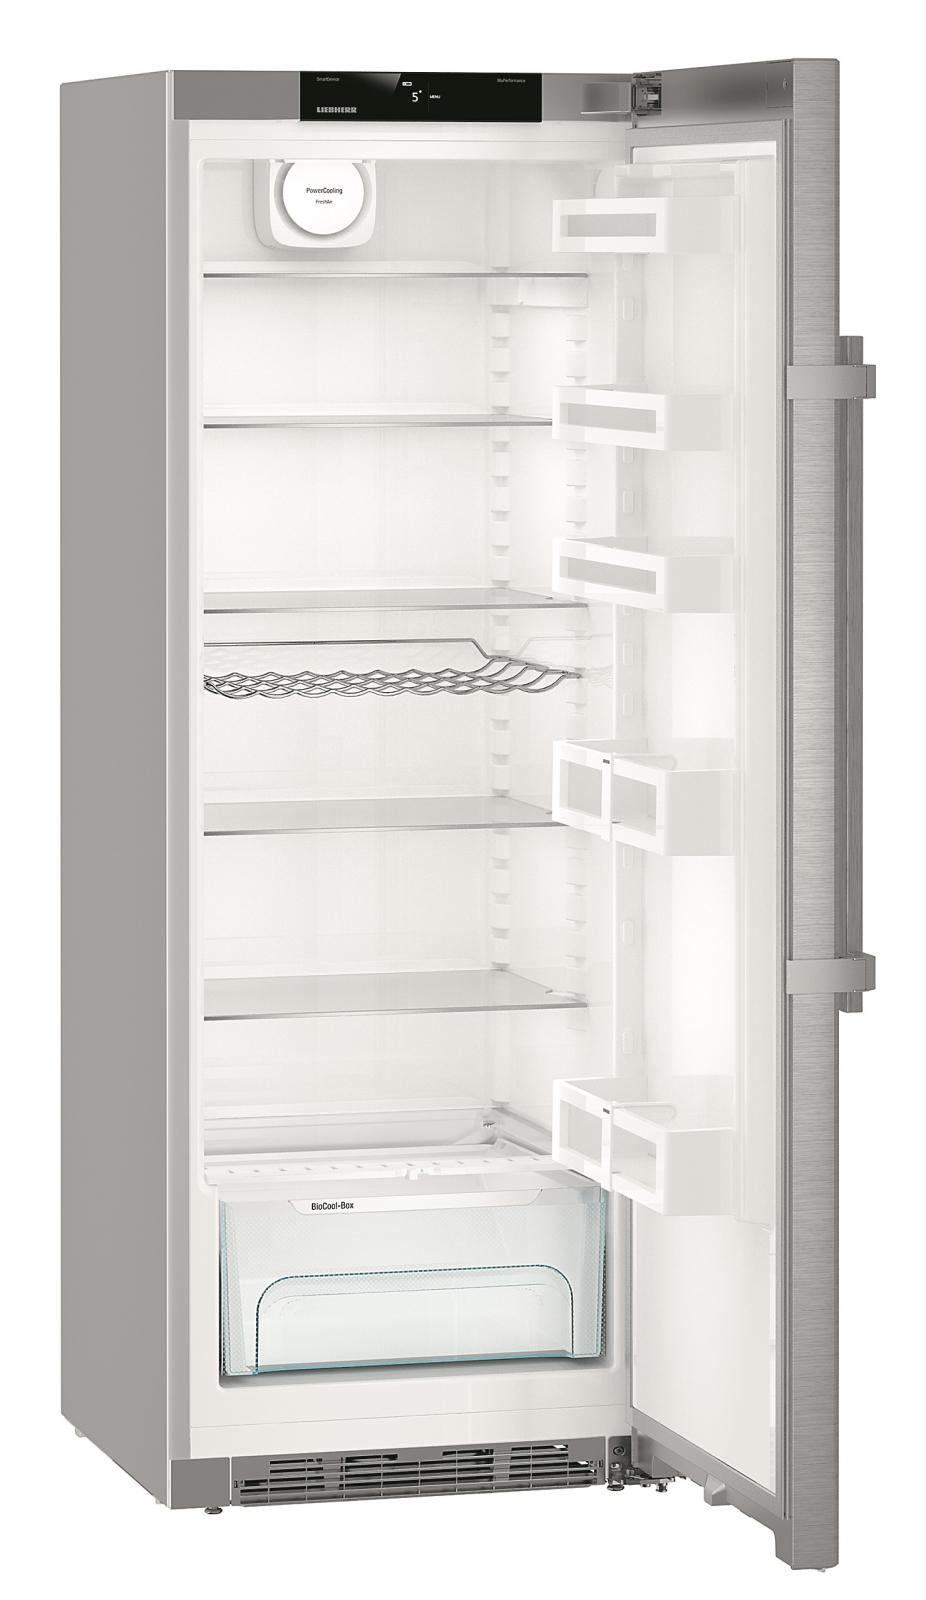 купить Однокамерный холодильник Liebherr Kef 3710 Украина фото 6